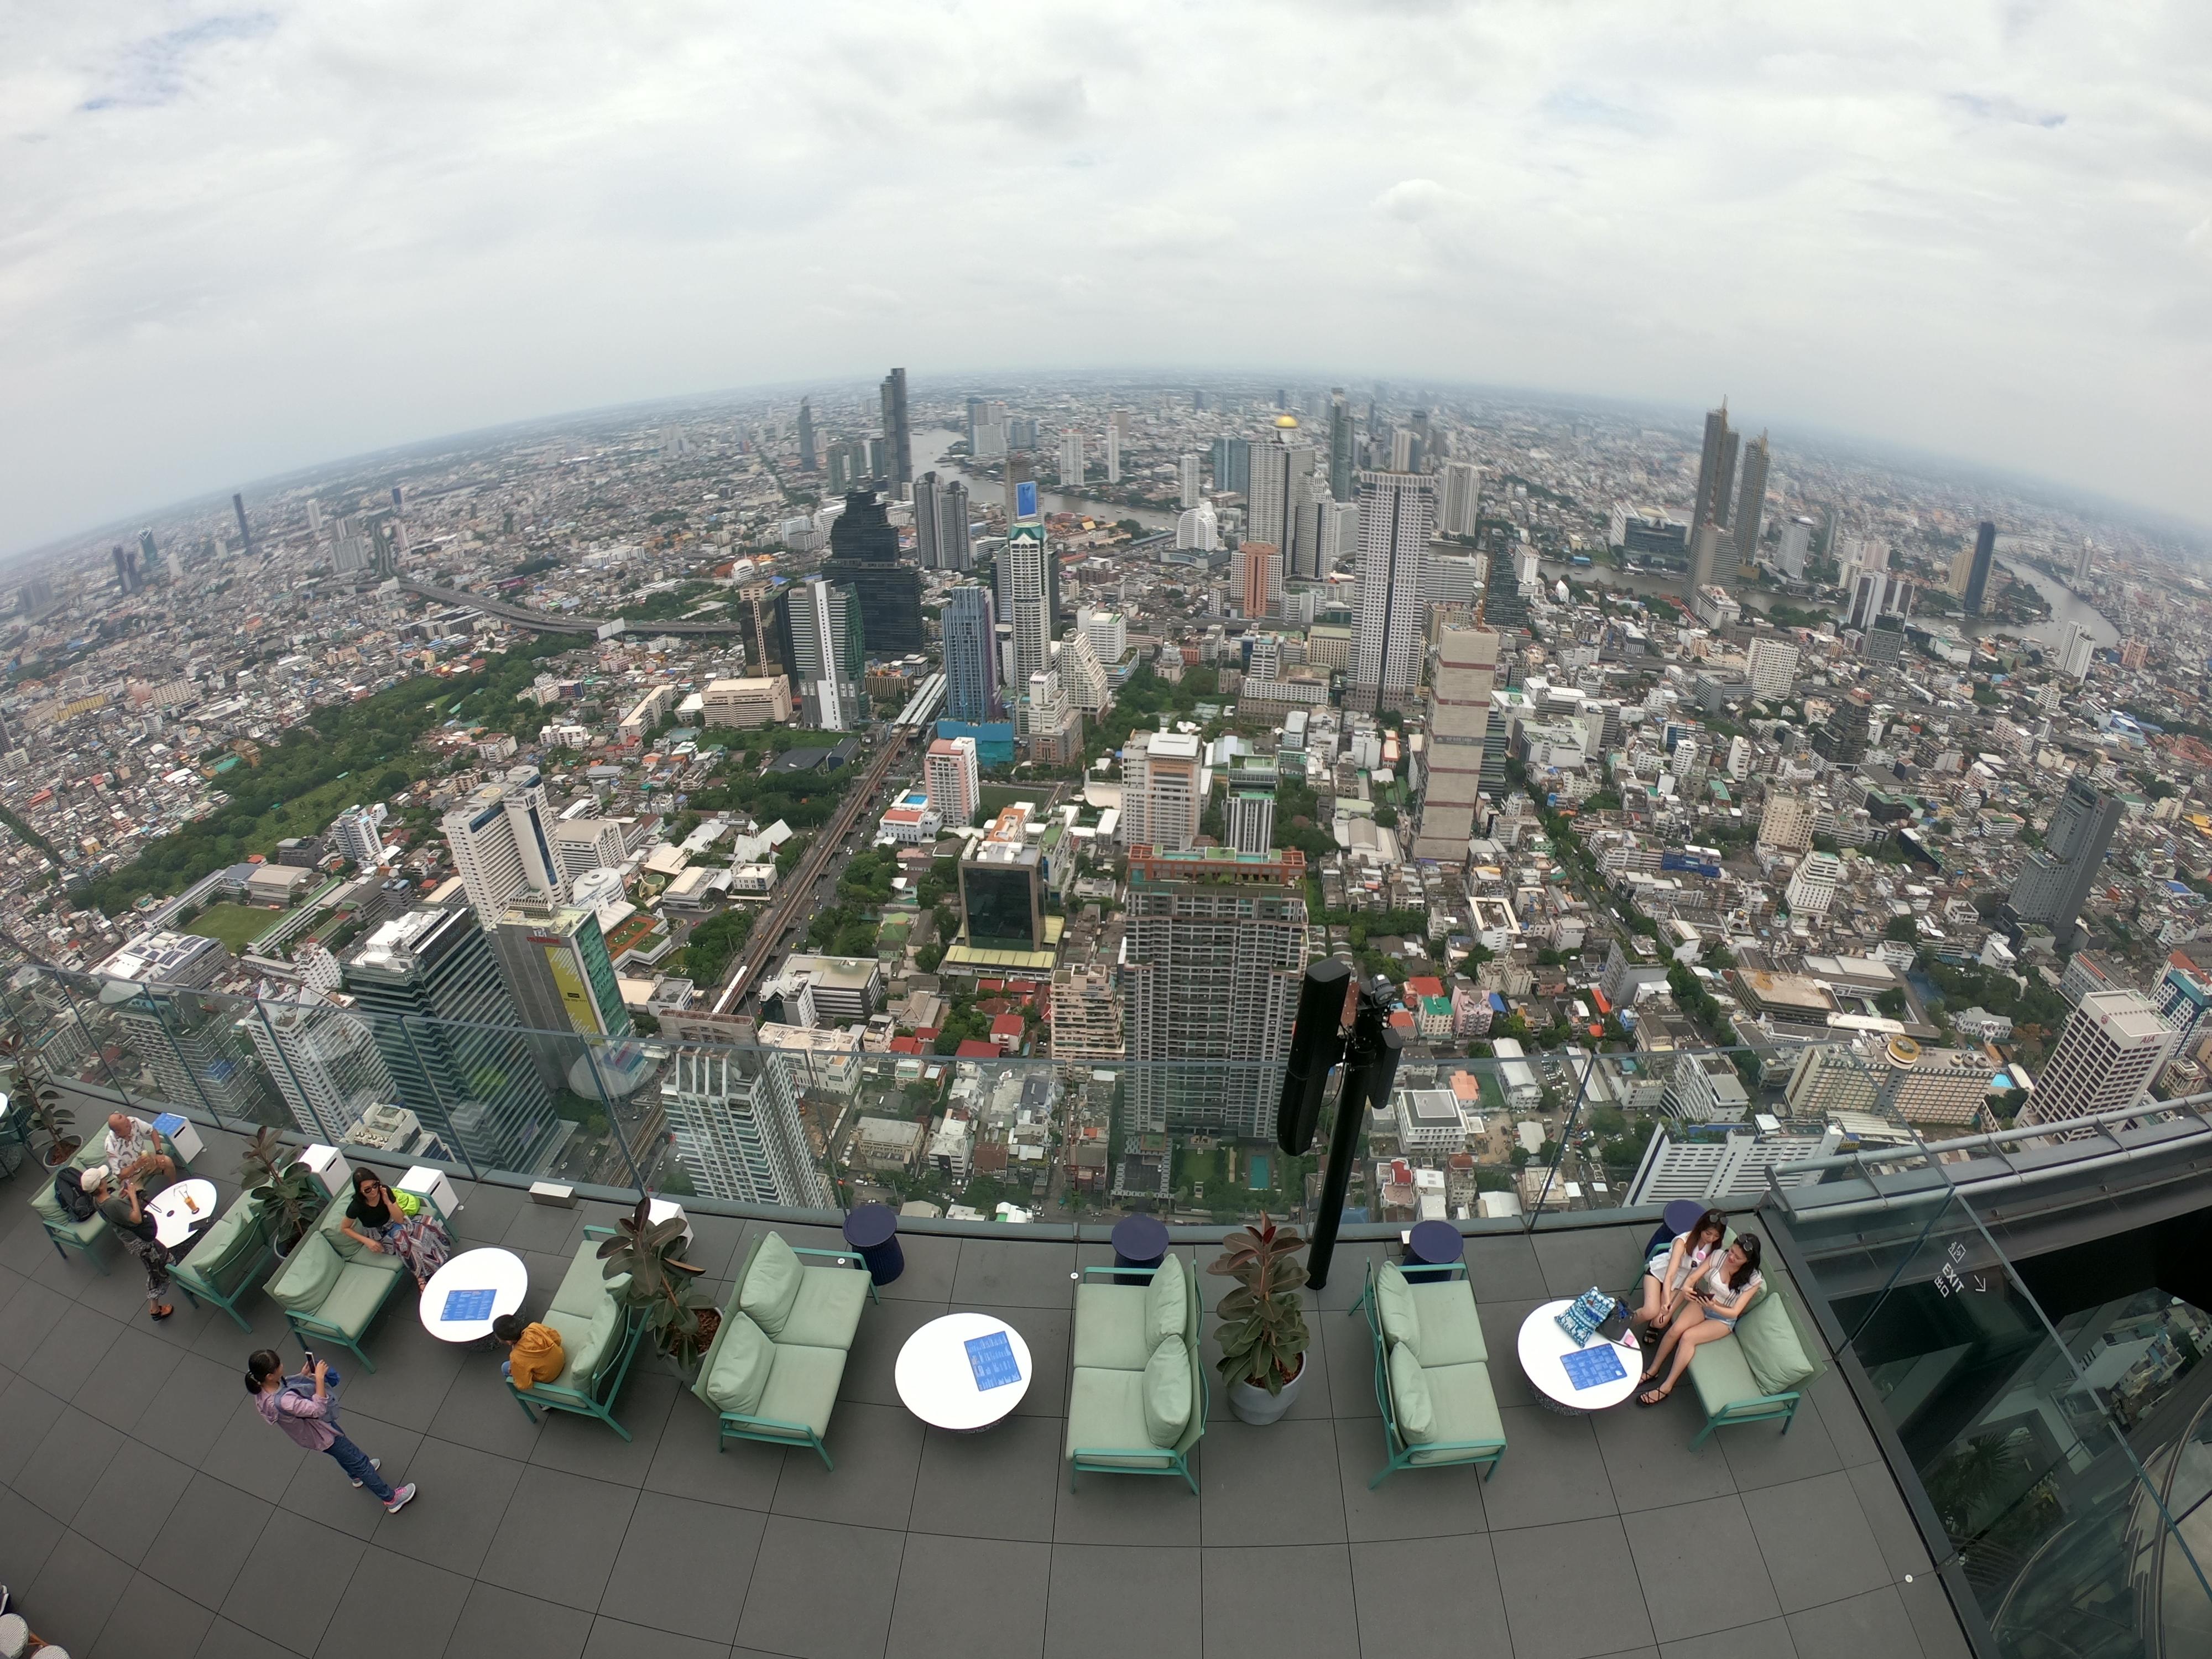 バンコクで一番高い展望台「マハナコーンスカイウォーク」